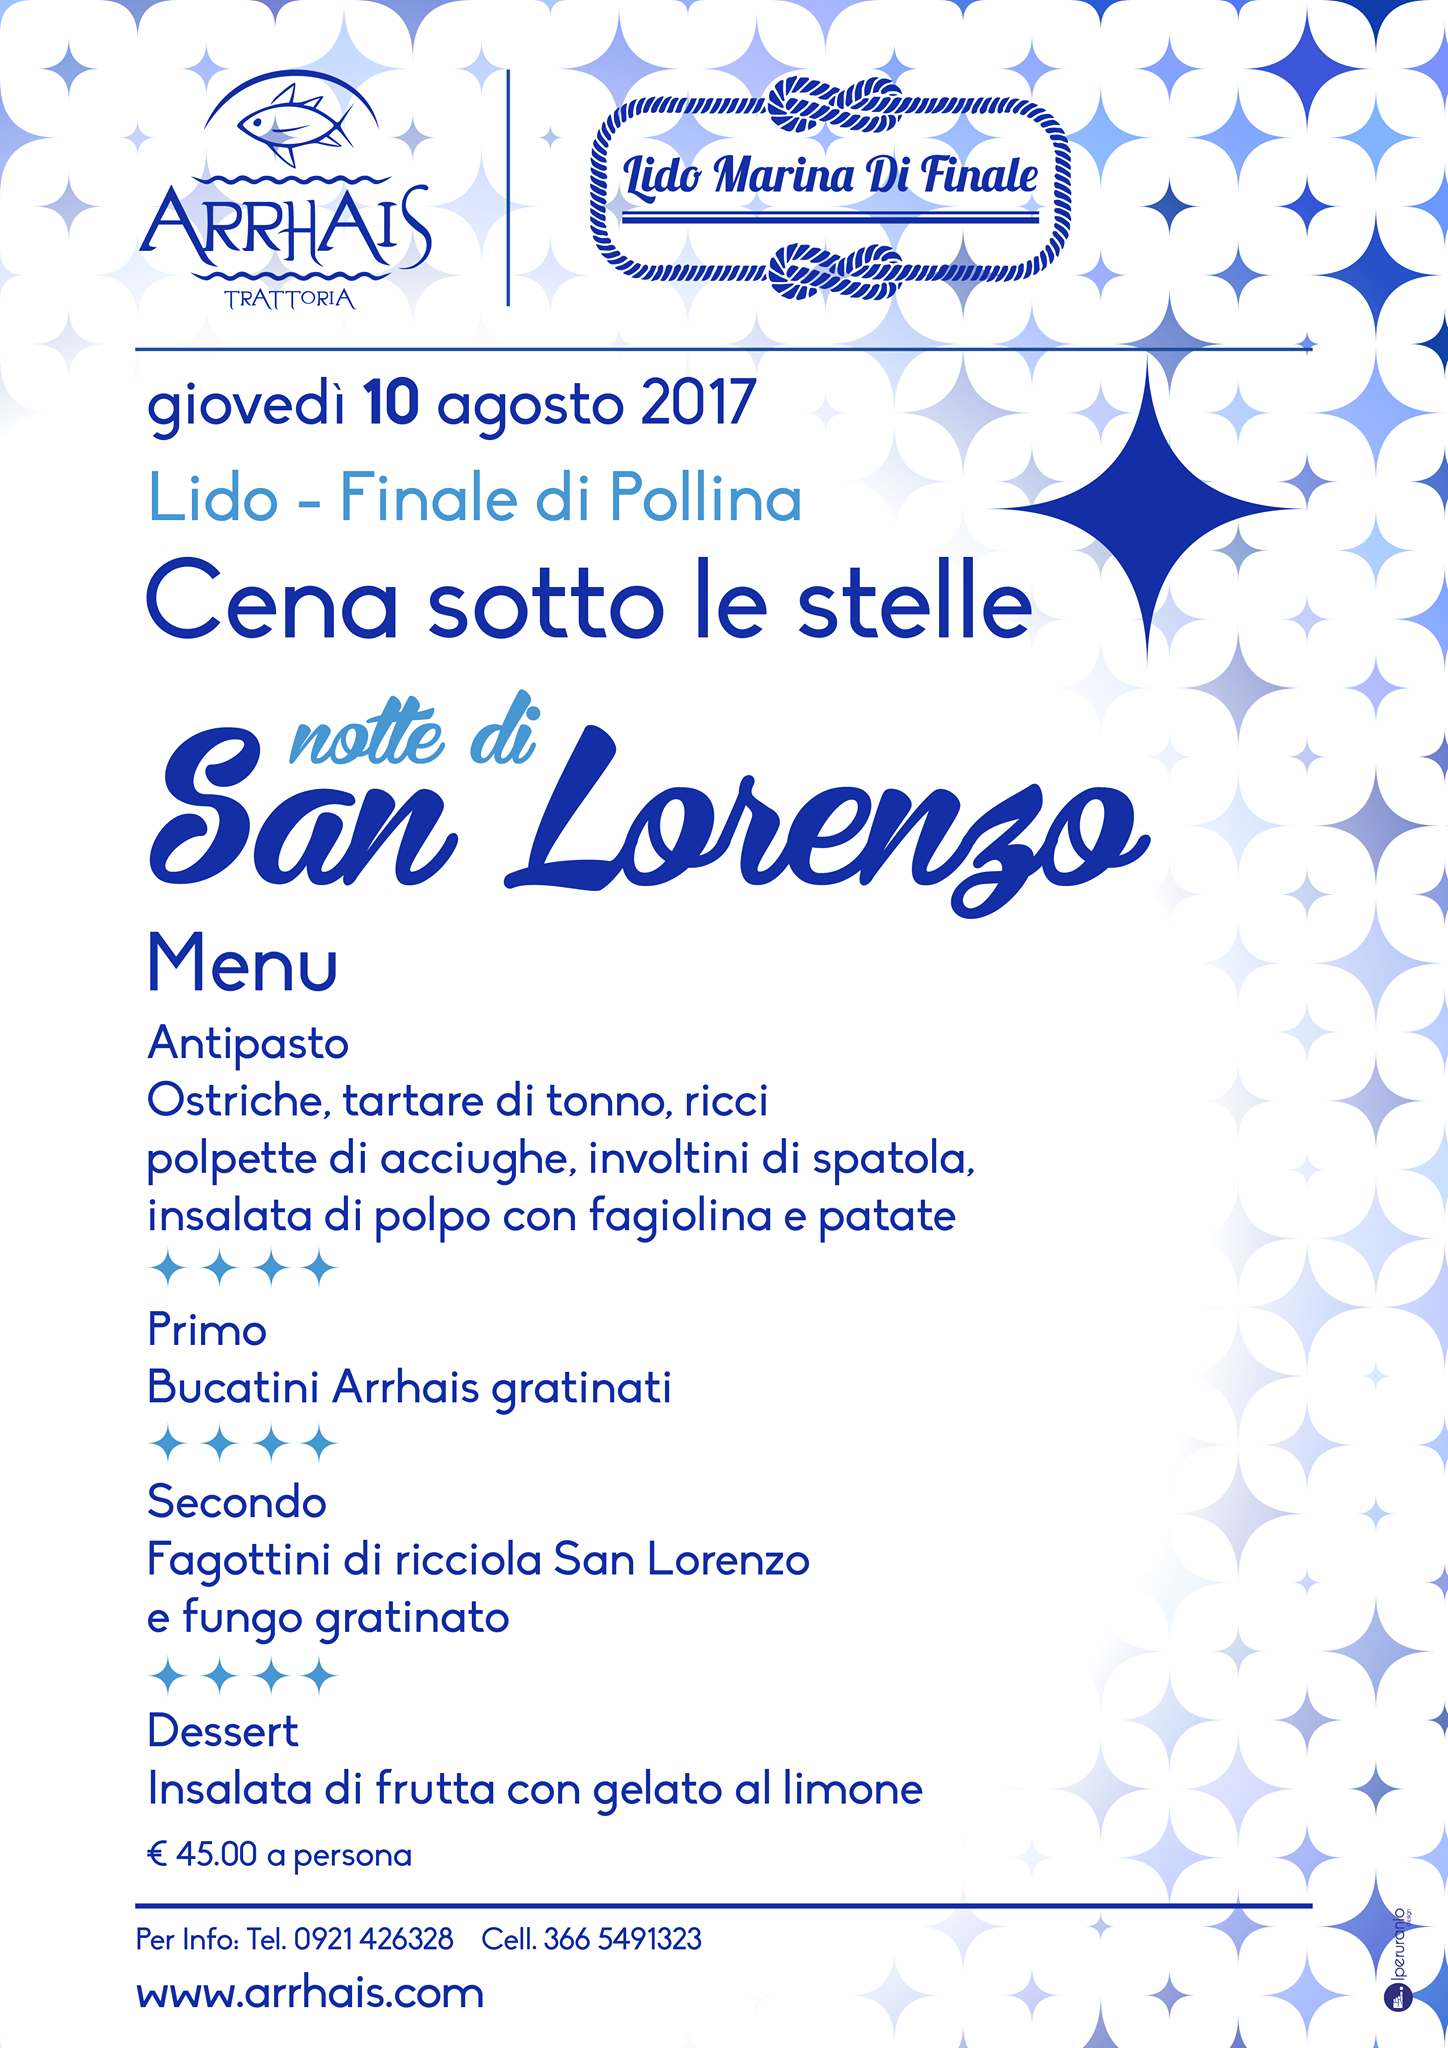 Cena sotto le stelle per la lunga notte di San Lorenzo